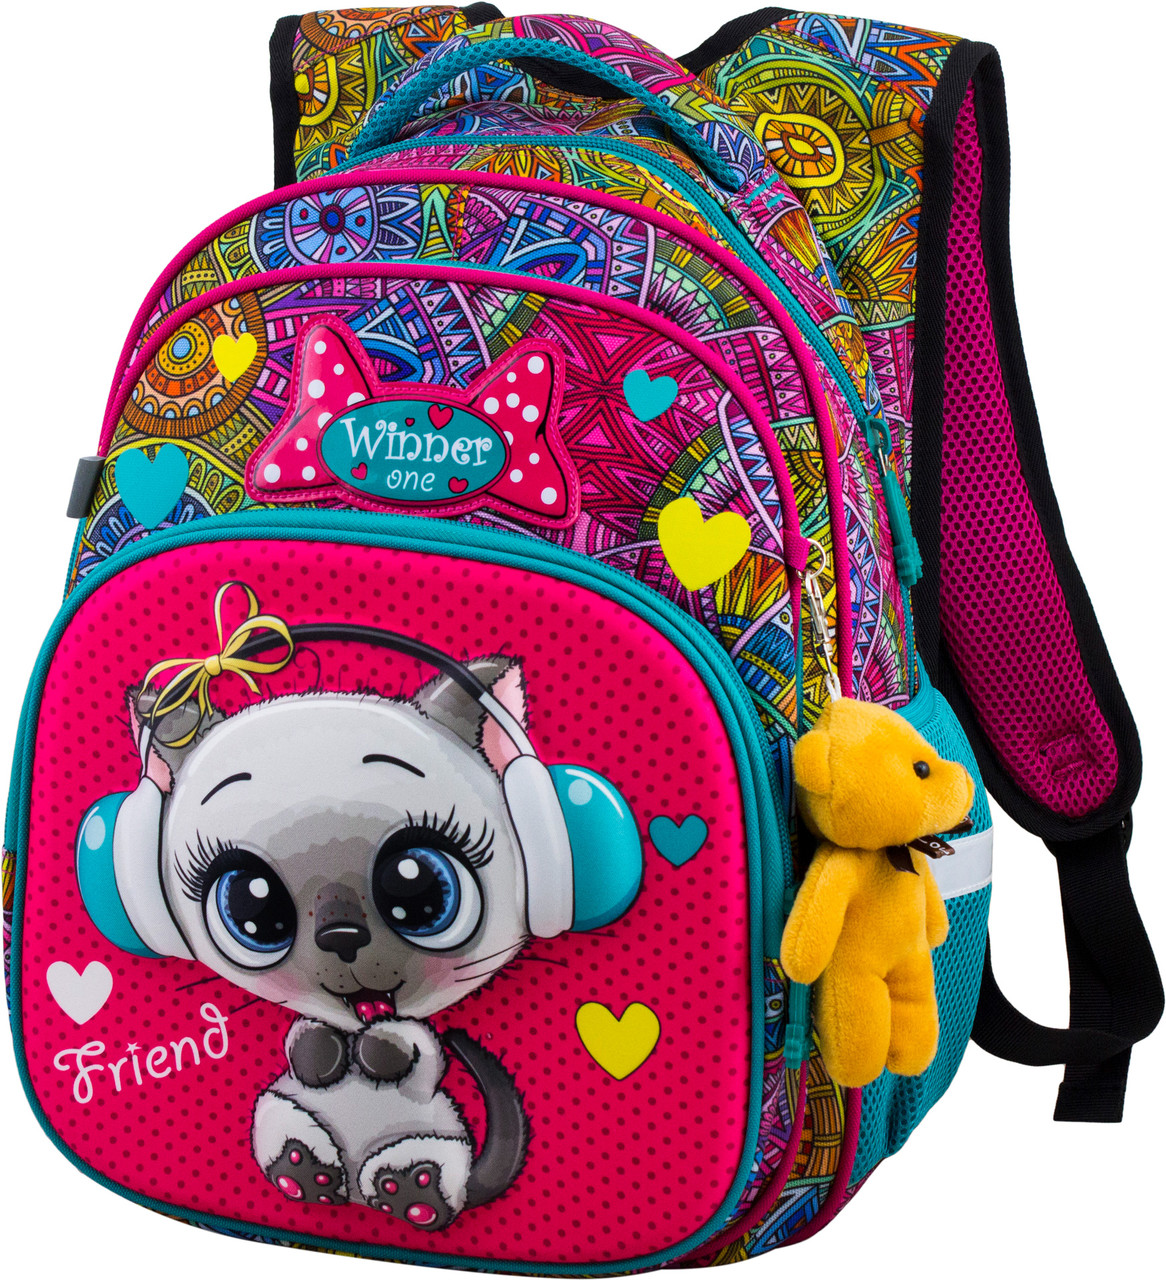 Рюкзак шкільний ортопедичний для дівчинки 1-4 клас з Котиком в орнаменті Winner One R3-220